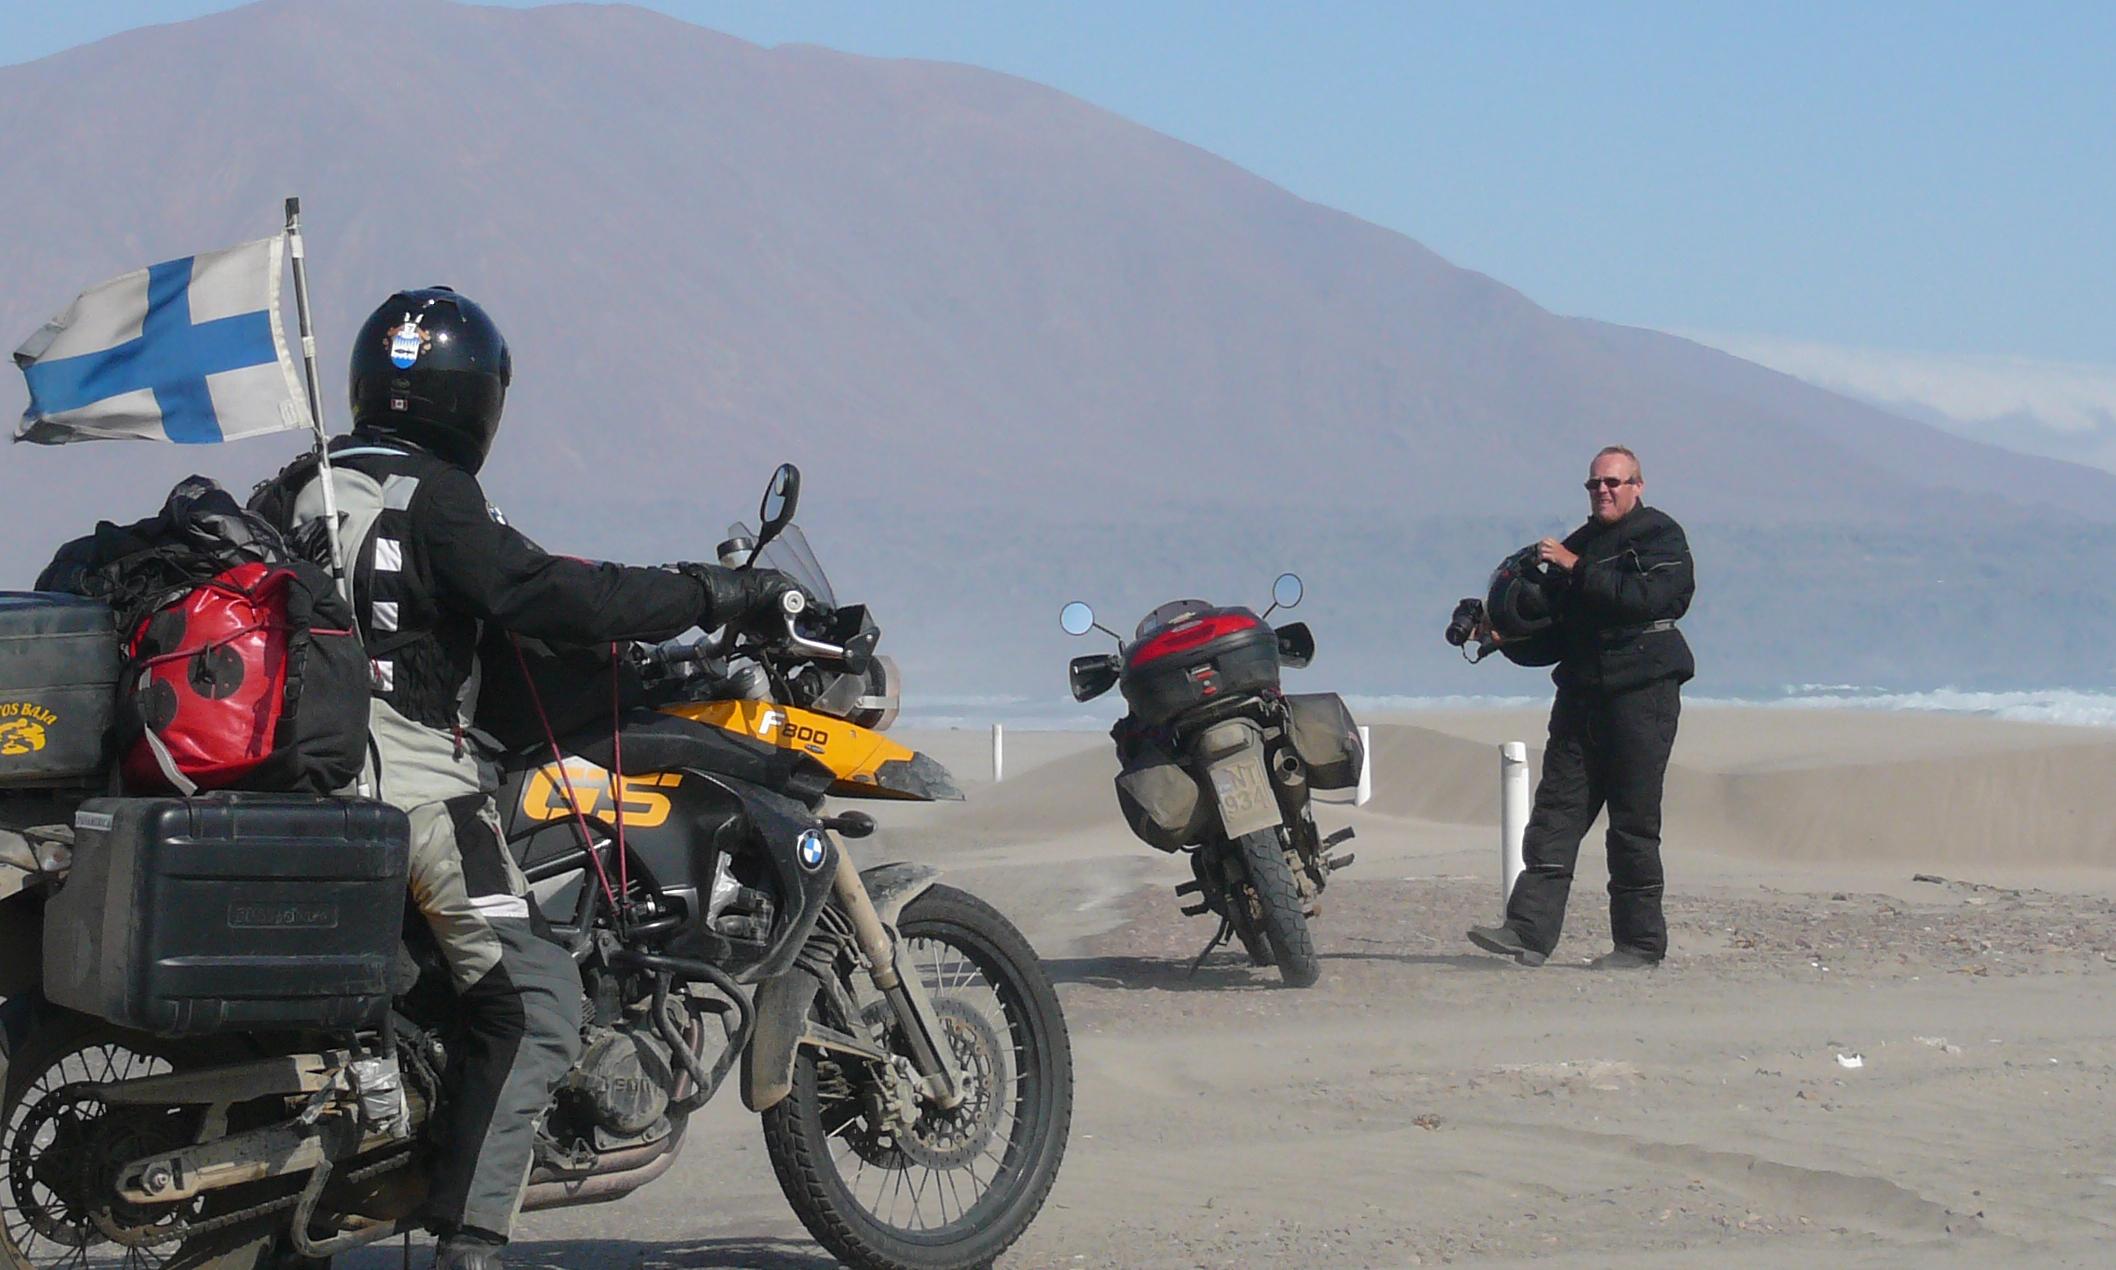 MILLÄ AJETAAN? - Tämä on moottoripyörämatka, joka ajetaan ikiomalla pyörällä. Sopivin on tietty all-road. Vaihtoehtoja matkasektorilla on tänään paljon. Honda TransAlpilla menee ongelmitta. AfricaTwin on kaupoissa. BMW taitaa olla suosituin? Triumph Explorer? Italobellalla rohkein!?Pyörä voidaan rahdata Suomesta tai ostaa Anchoragesta.